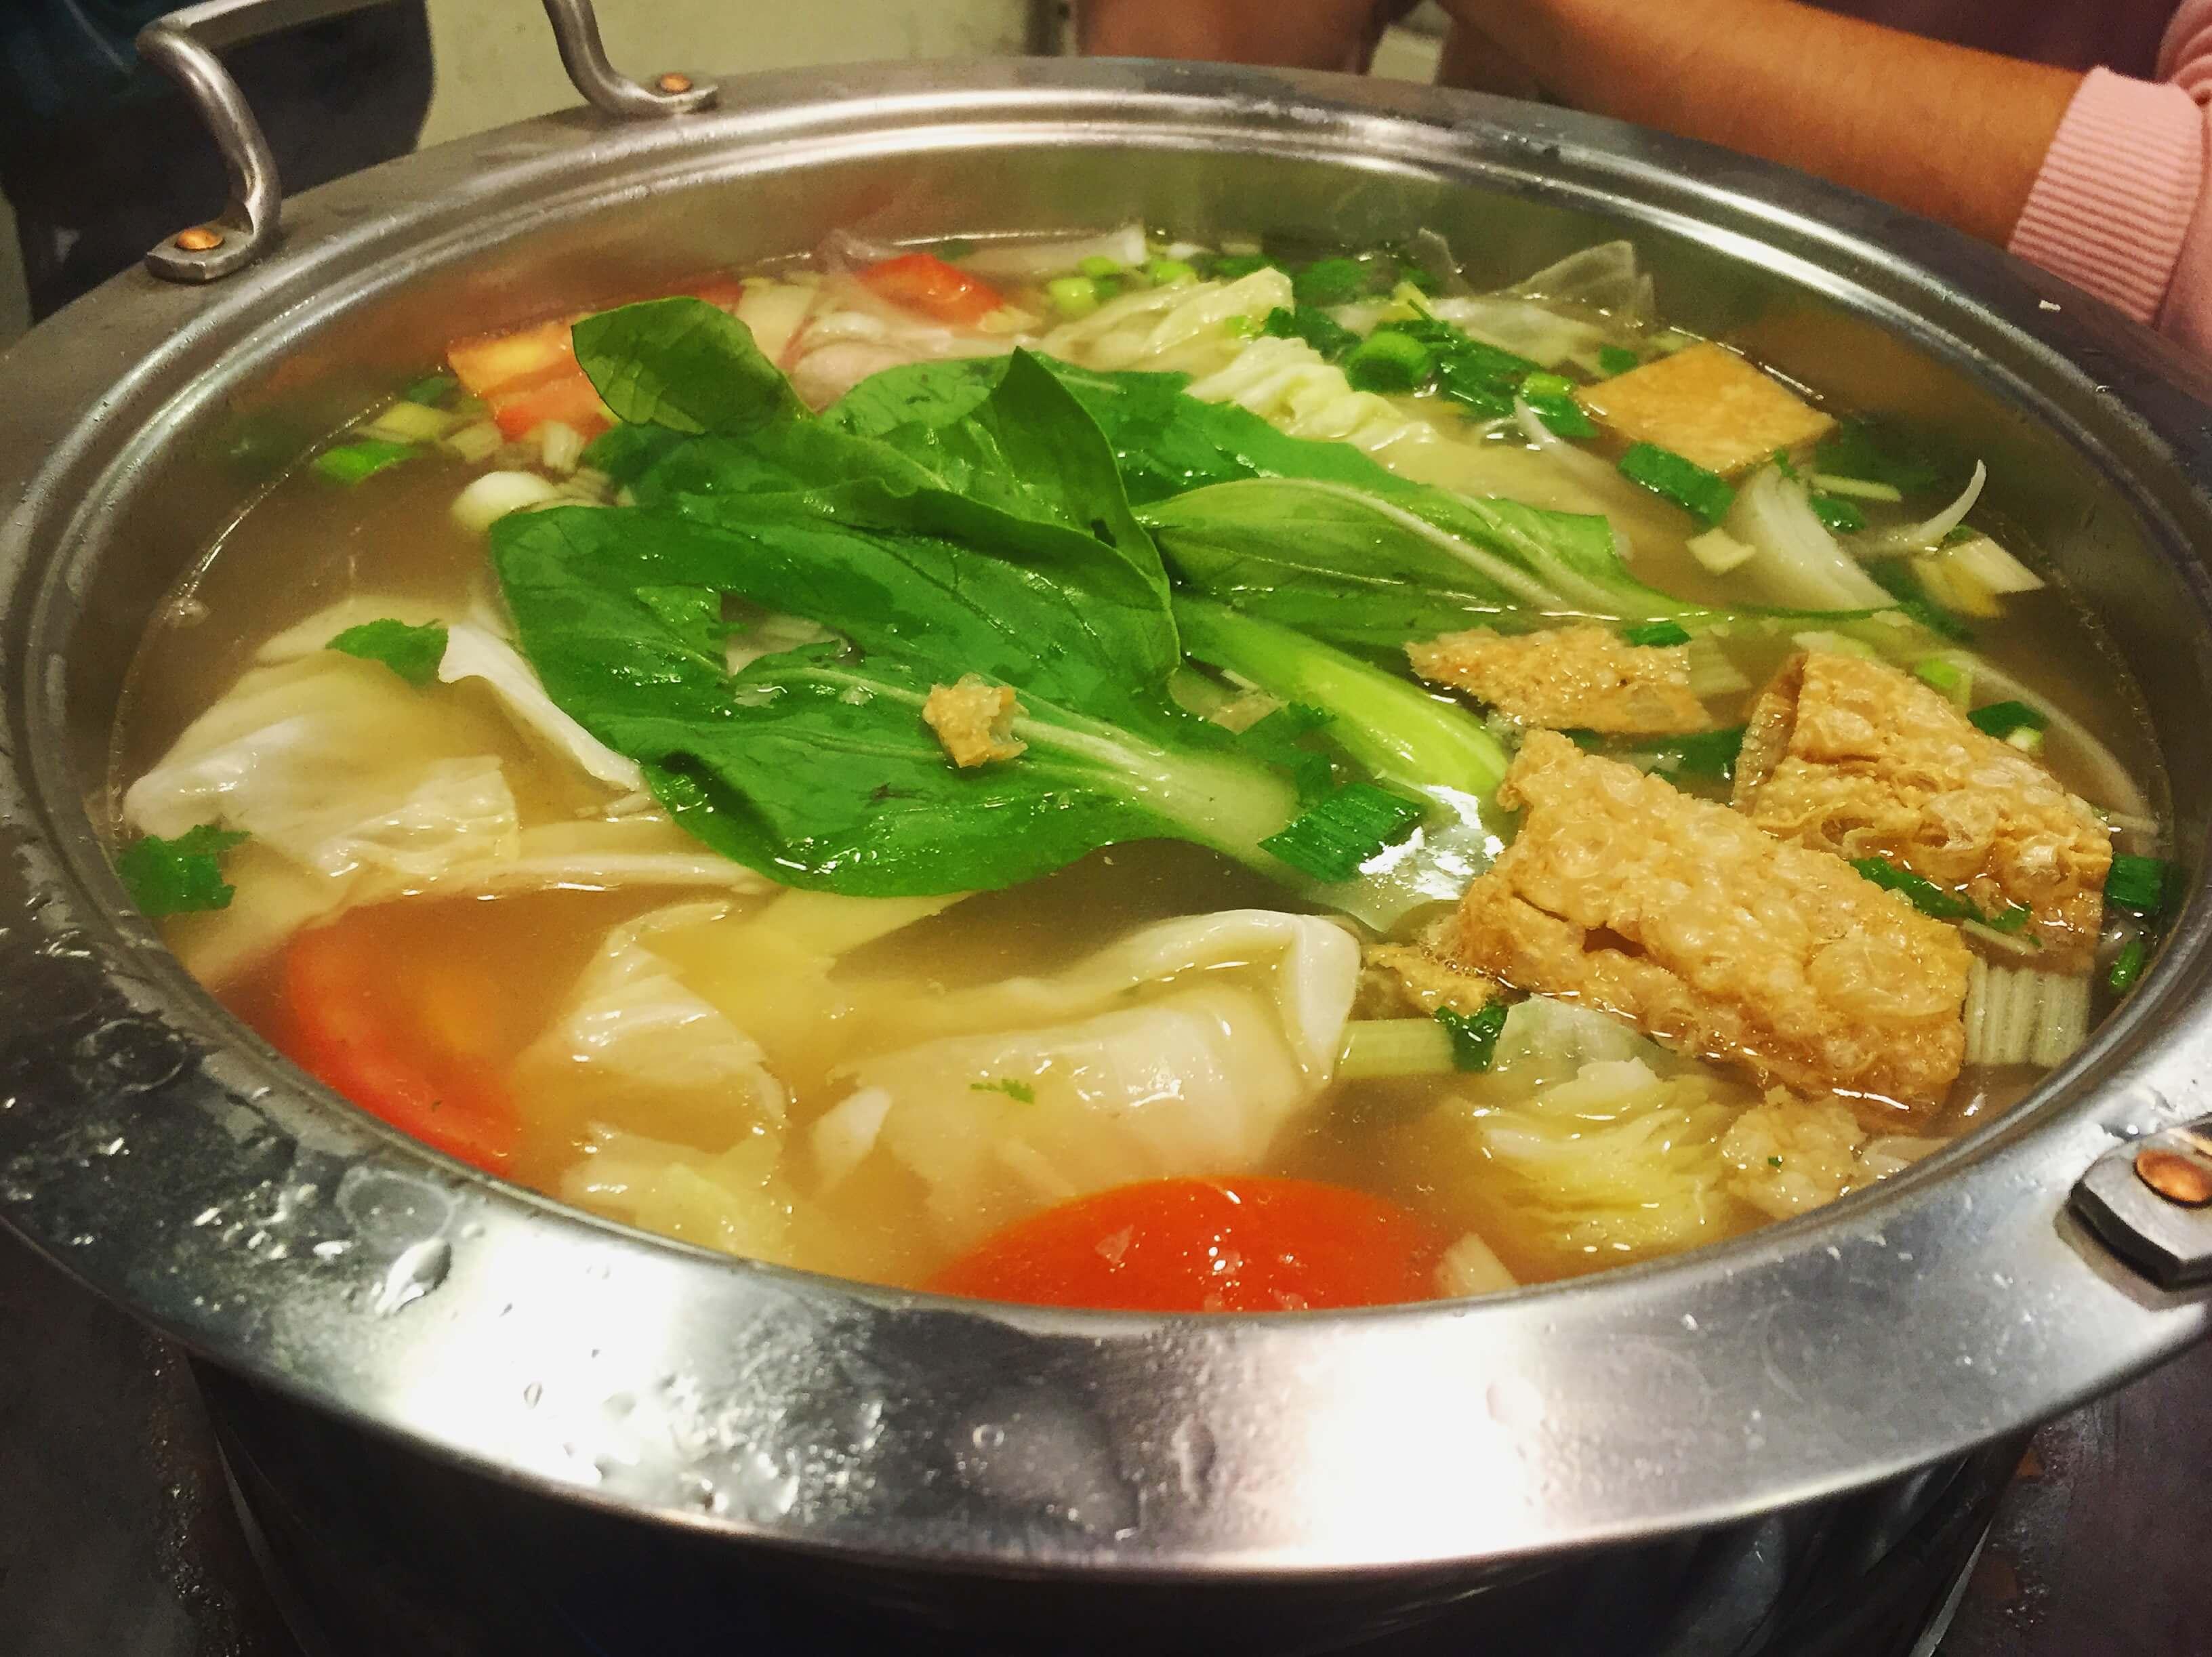 涮牛肉鍋清湯鍋底。(圖/吐司客拍攝)